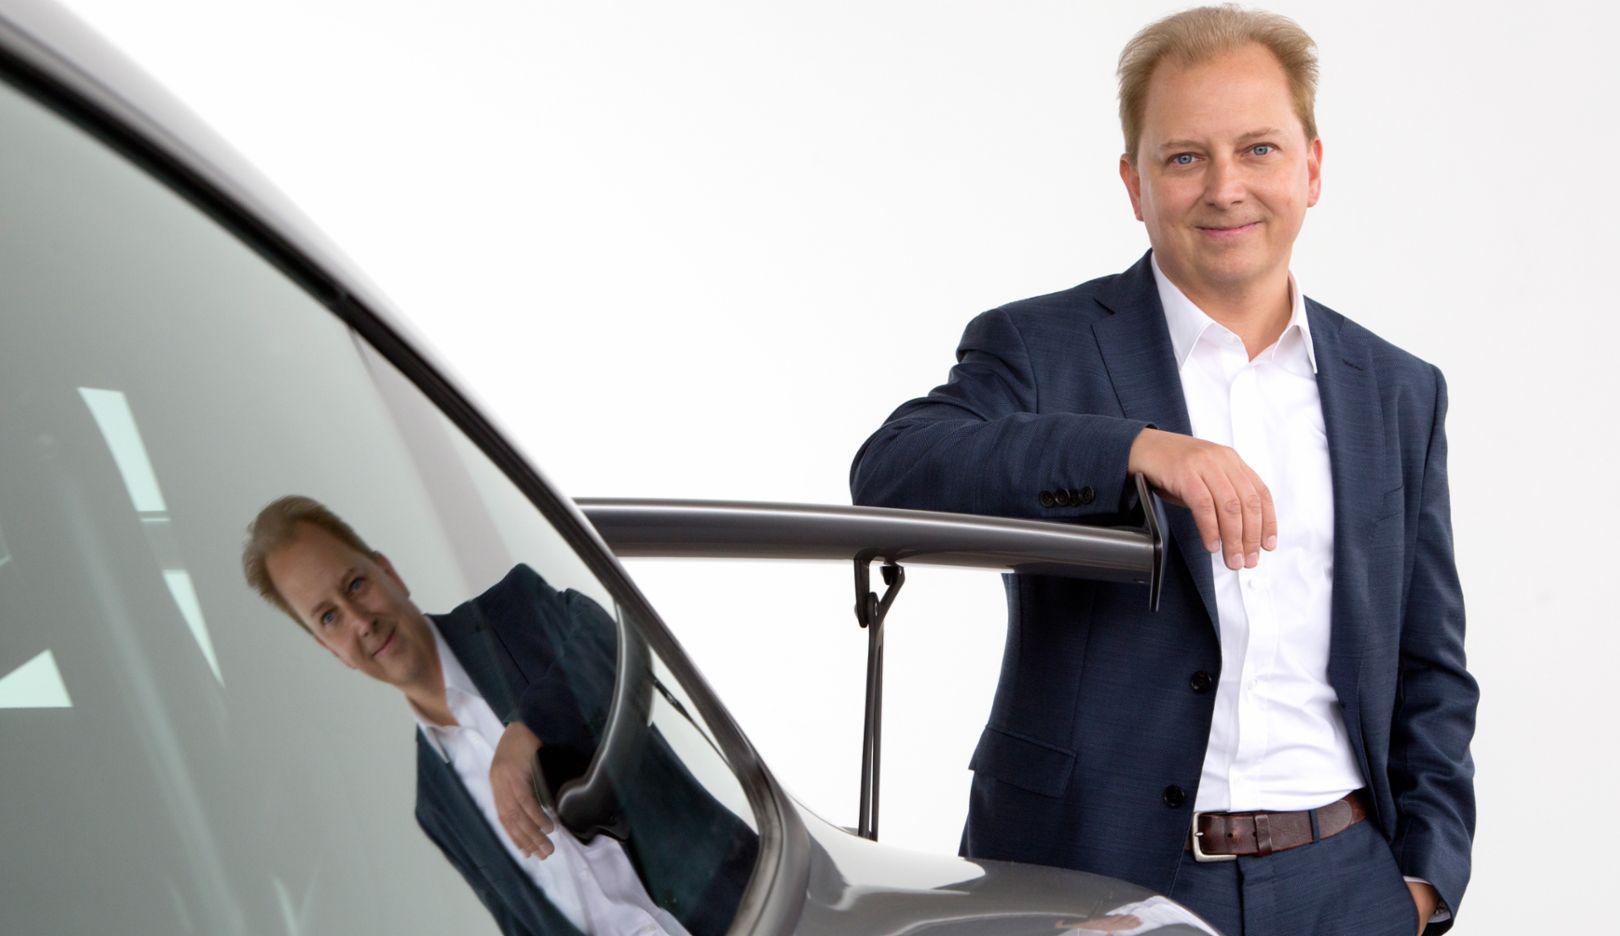 Thilo Koslowski, 2016, Porsche AG